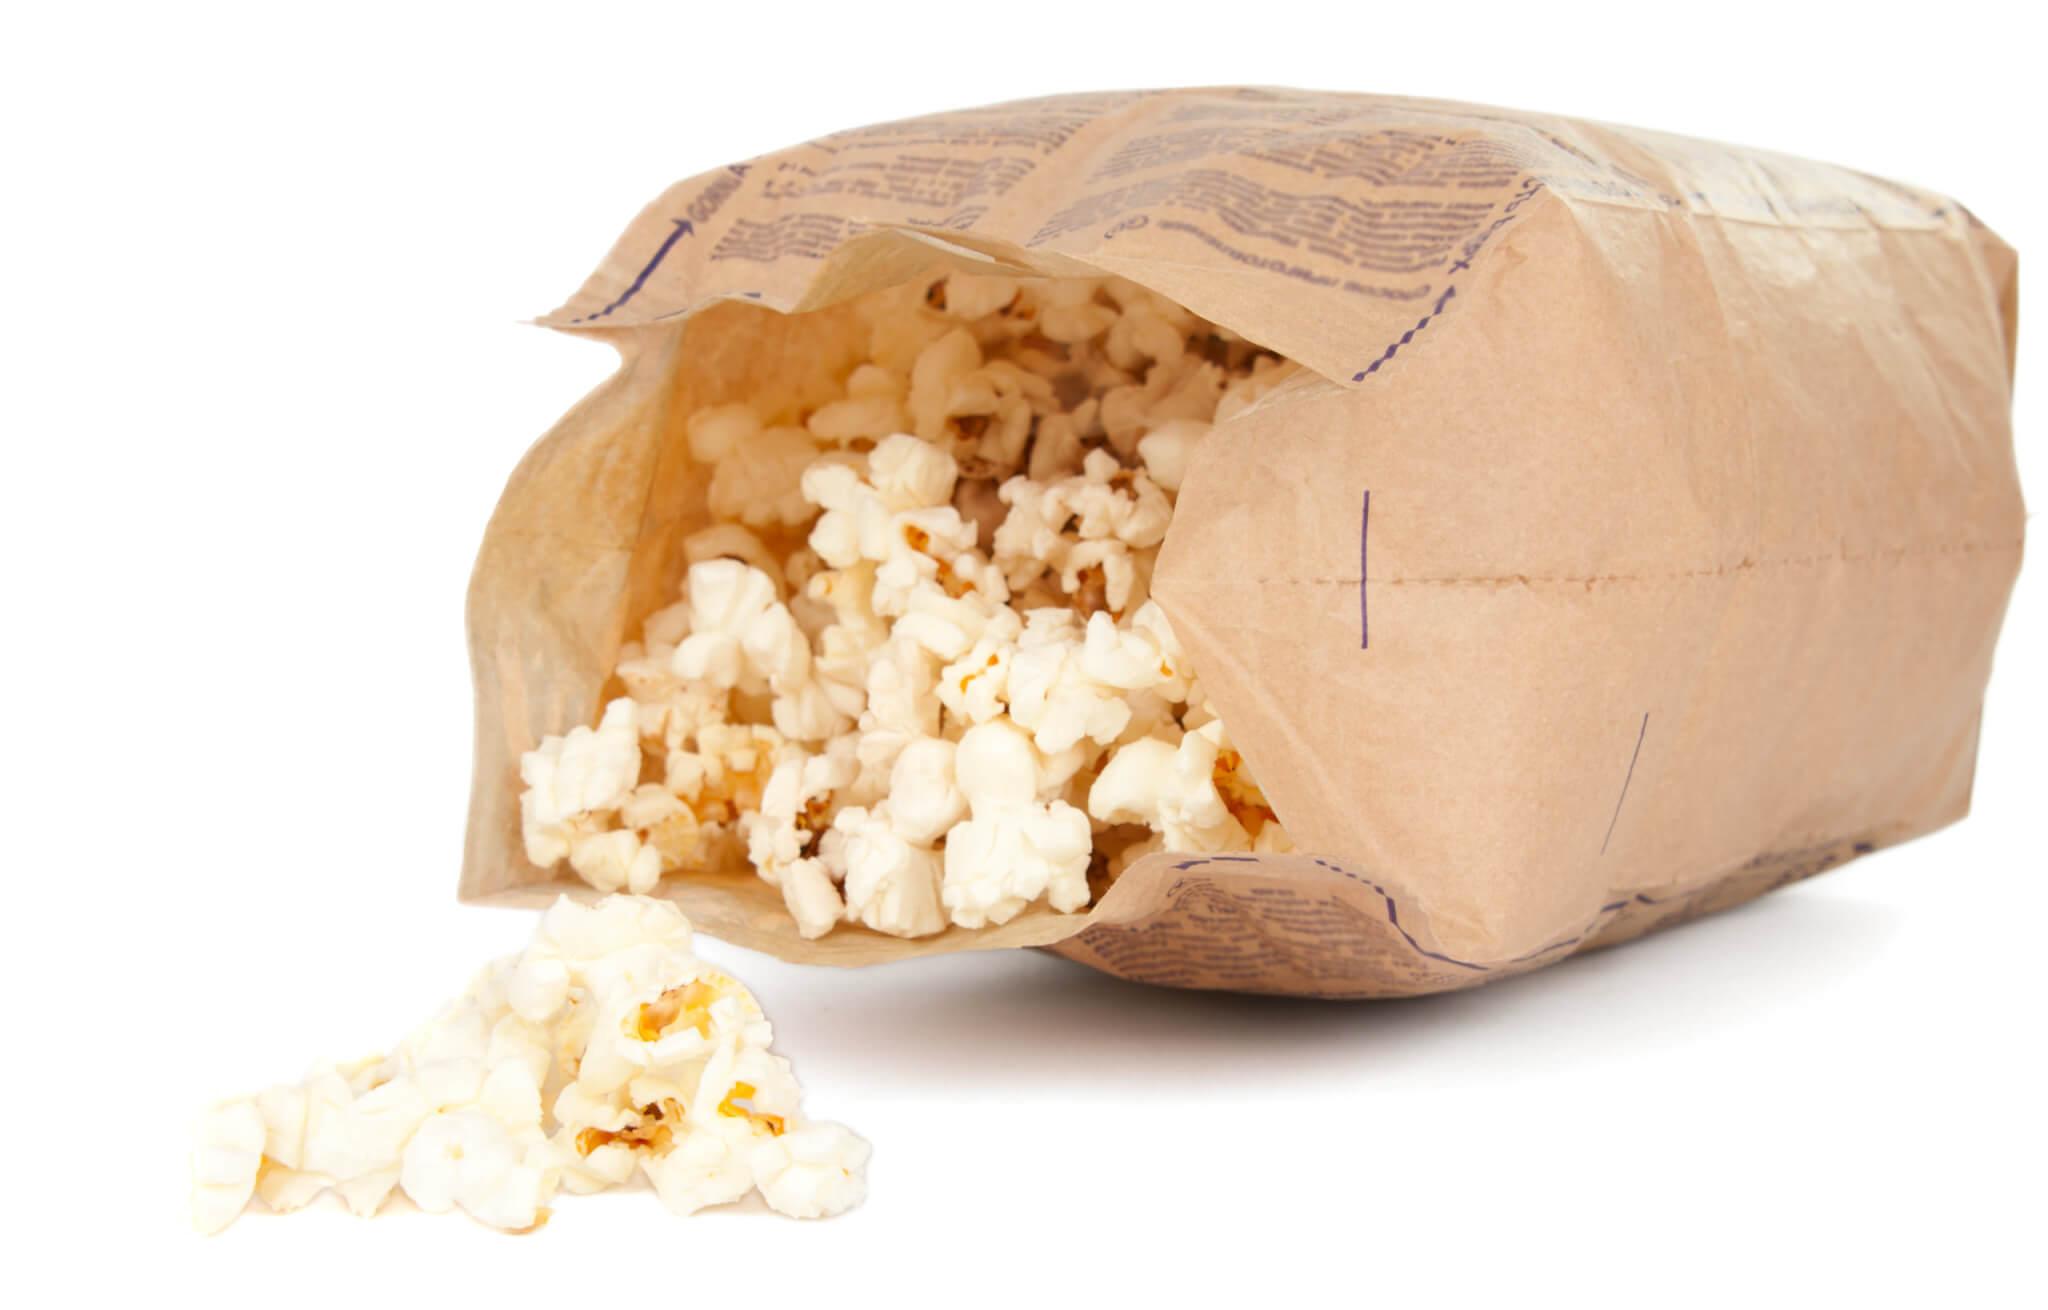 An open bag of popcorn